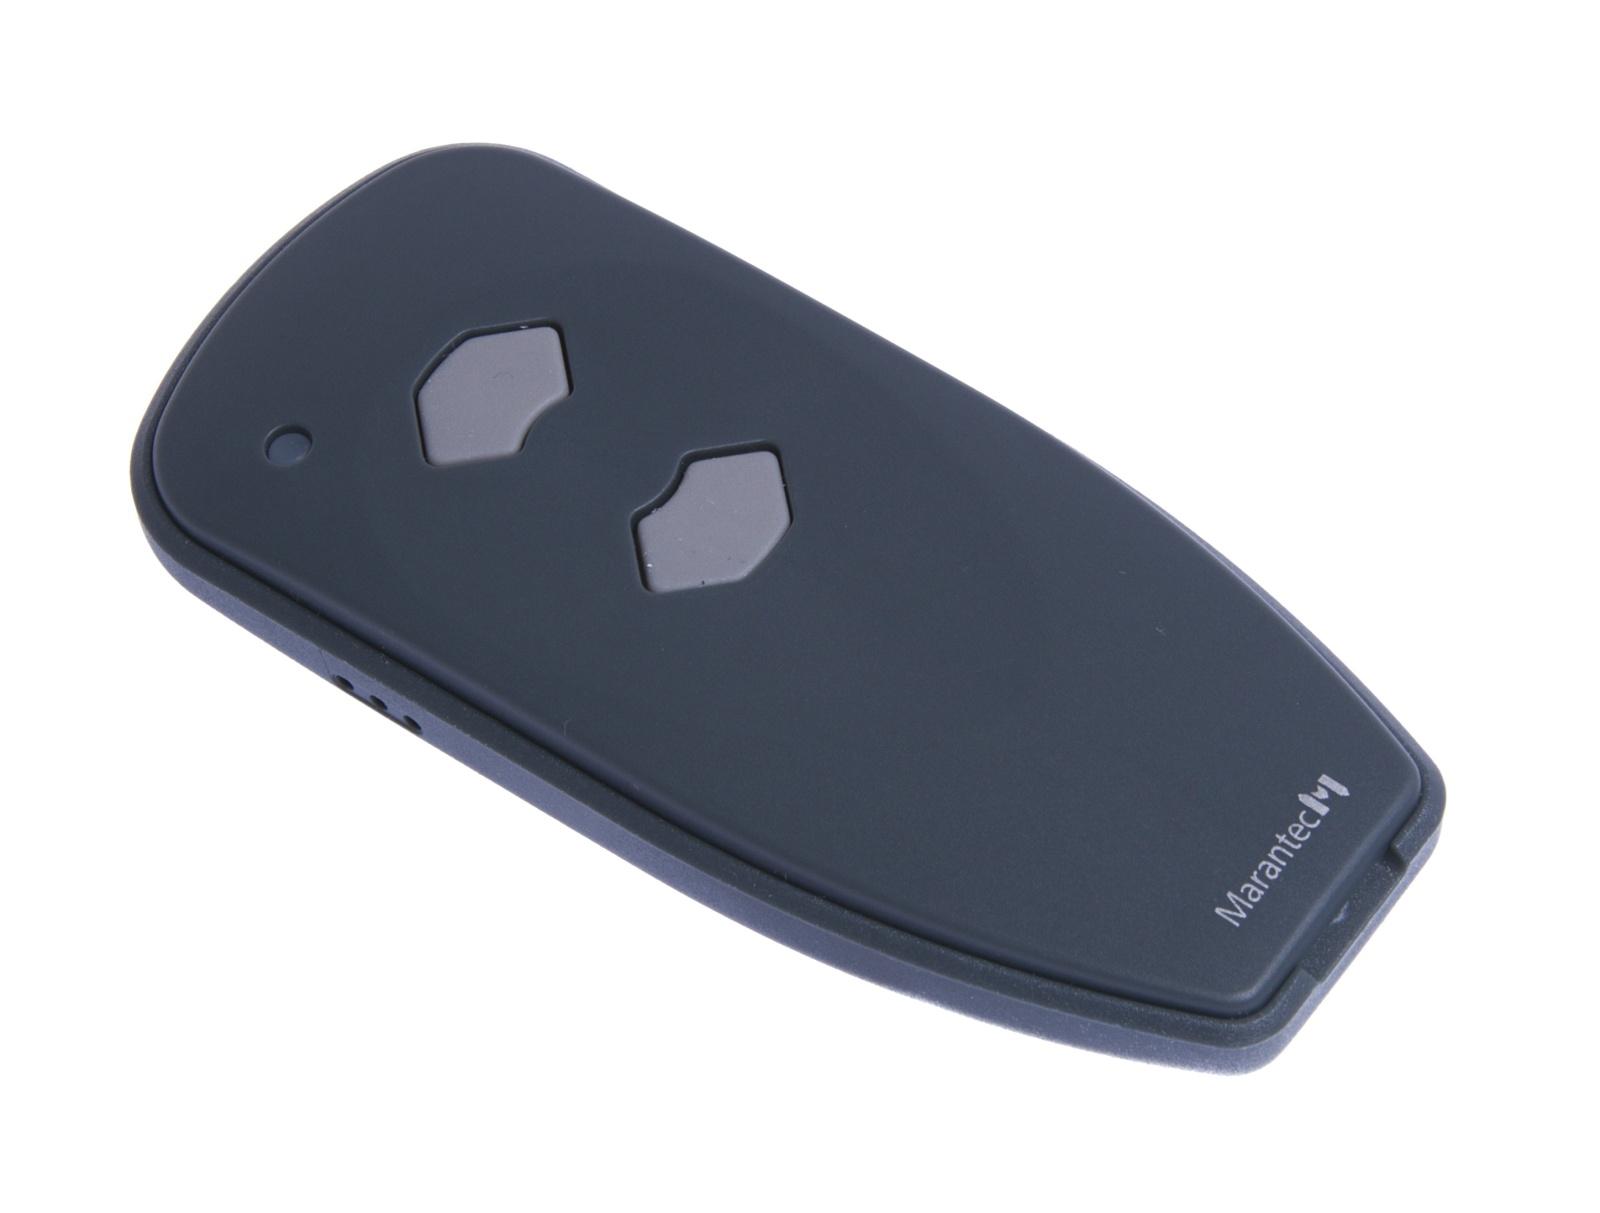 Dálkový ovladač Marantec Digital 382, 2-kanálový, 433,92 MHz